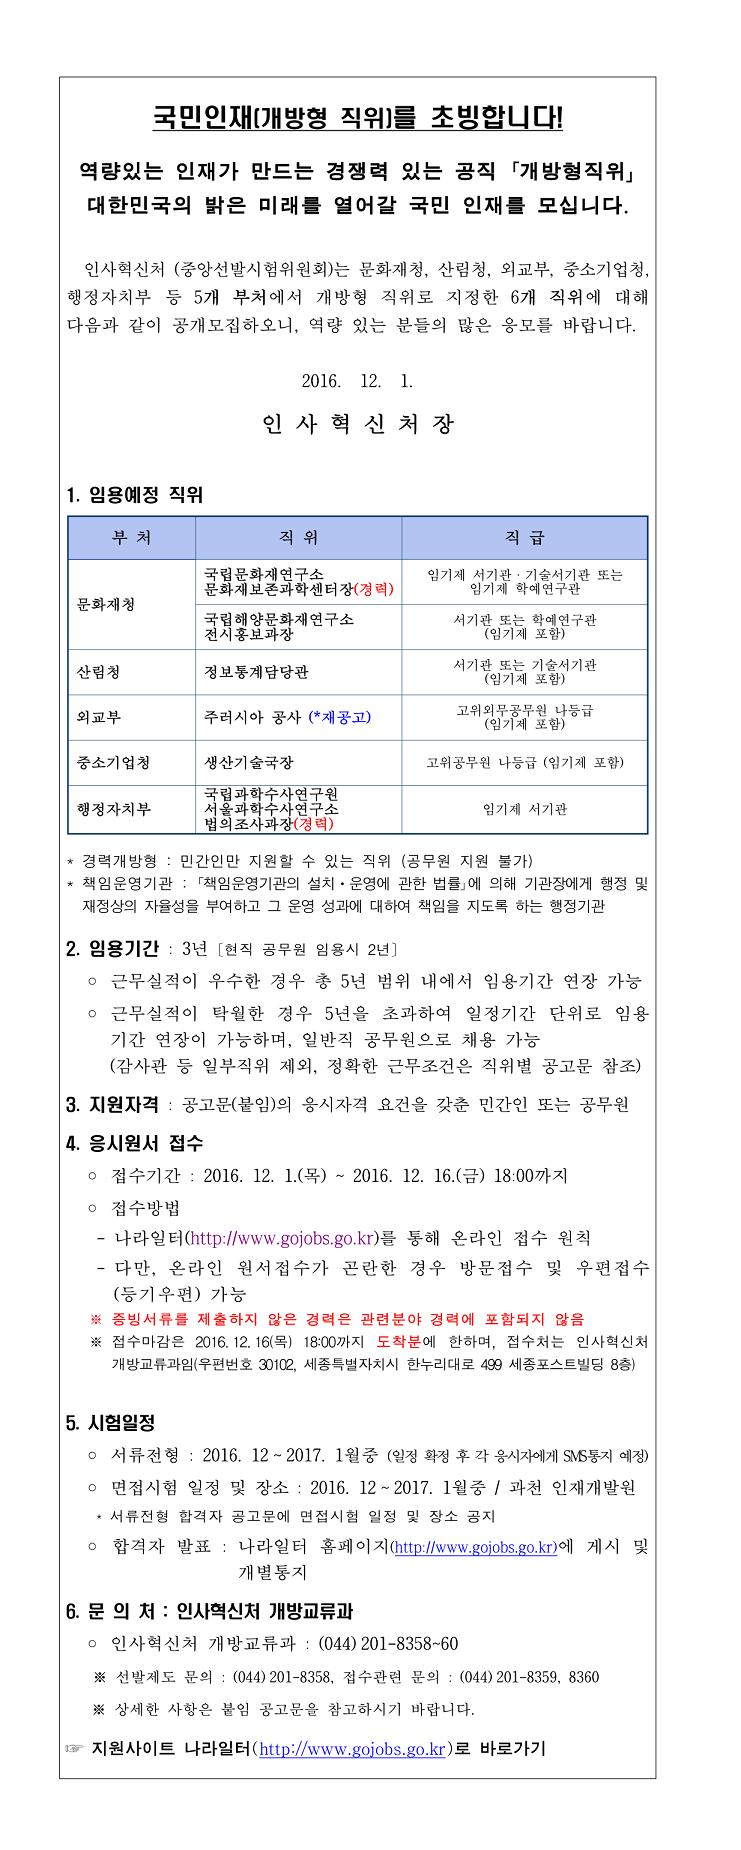 1. 개방형 직위 공개모집 안내(2016년 12월 공고)-1.jpg